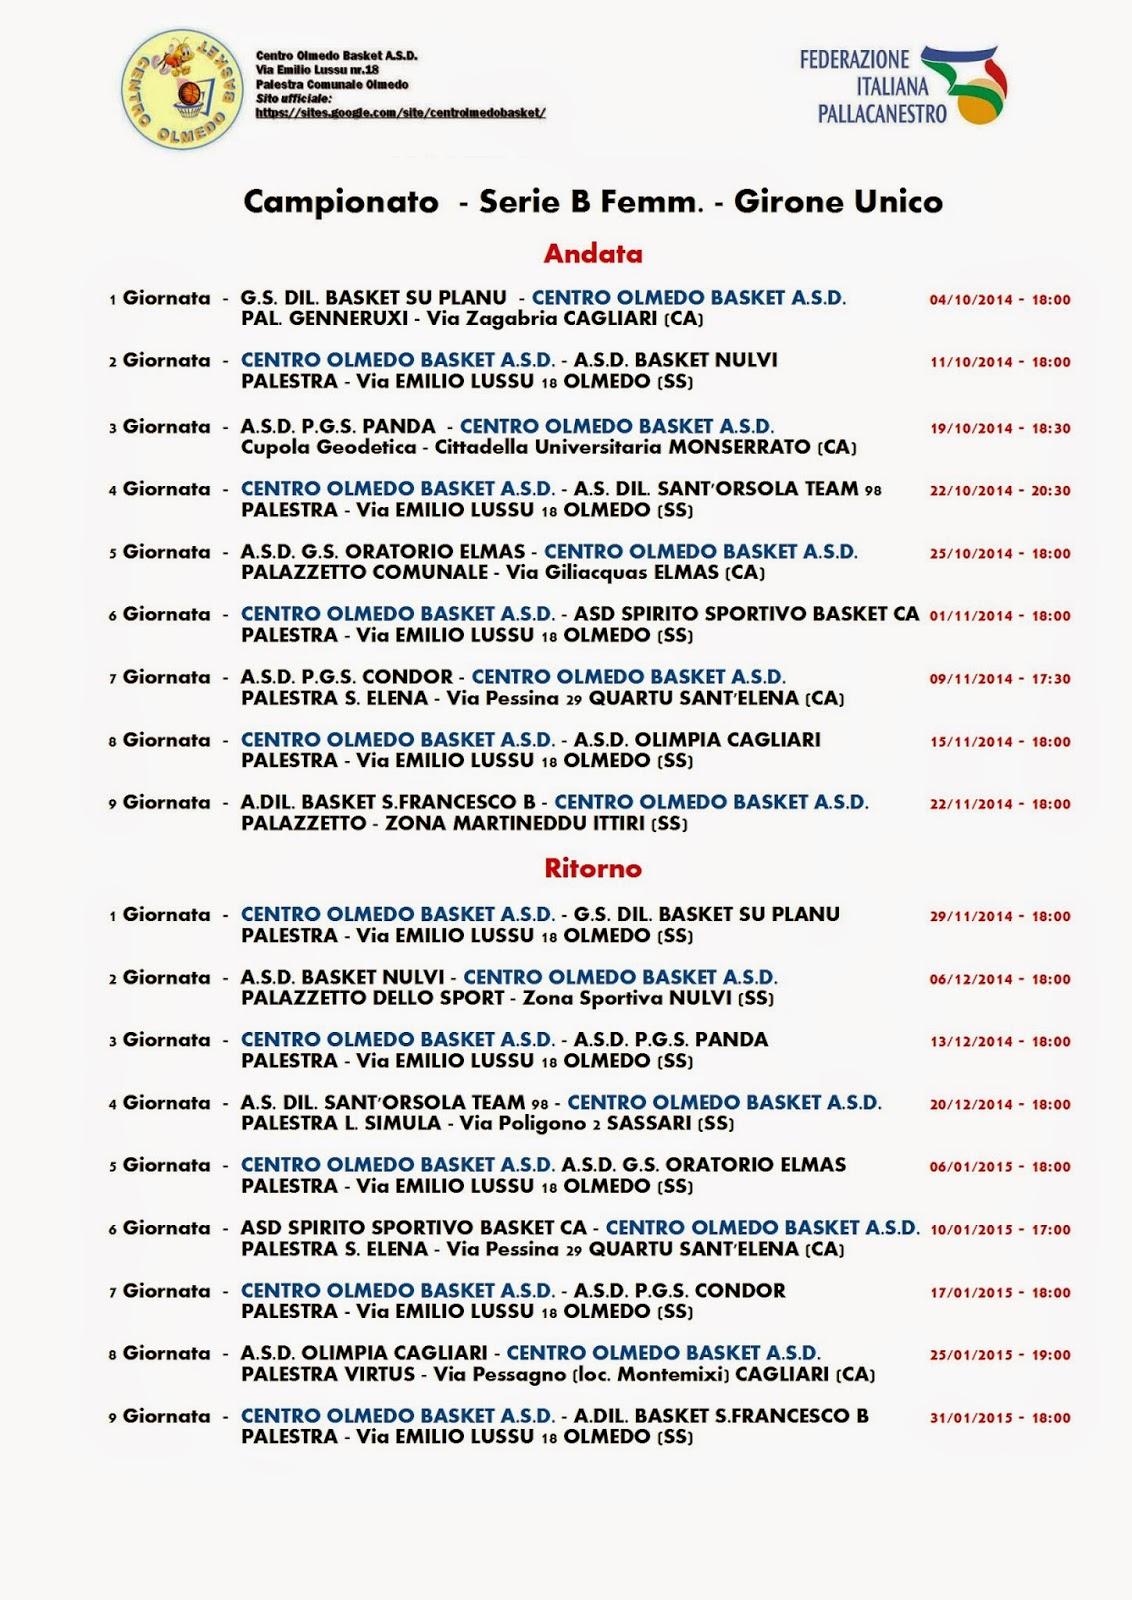 Calendario Serie B Femminile.Centro Olmedo Basket A S D Calendario Del Campionato Di